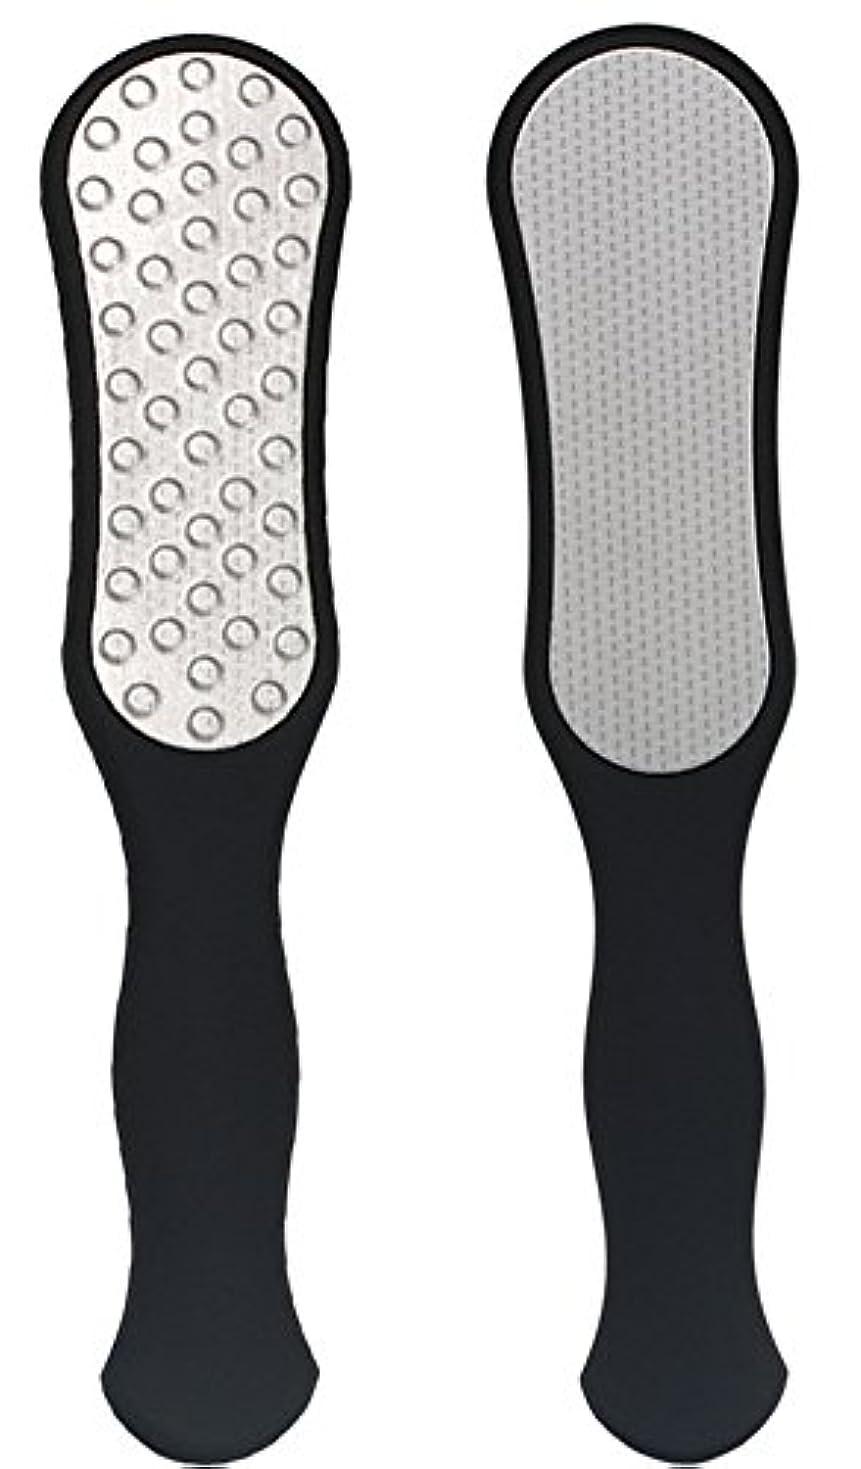 IvyOnly ビューティーフット足 かかと削り器 フットファイル 足裏ケアセット フット専用品 角質削り タコ 魚の目 除去 ステンレス製 錆びにくい (ブラック)